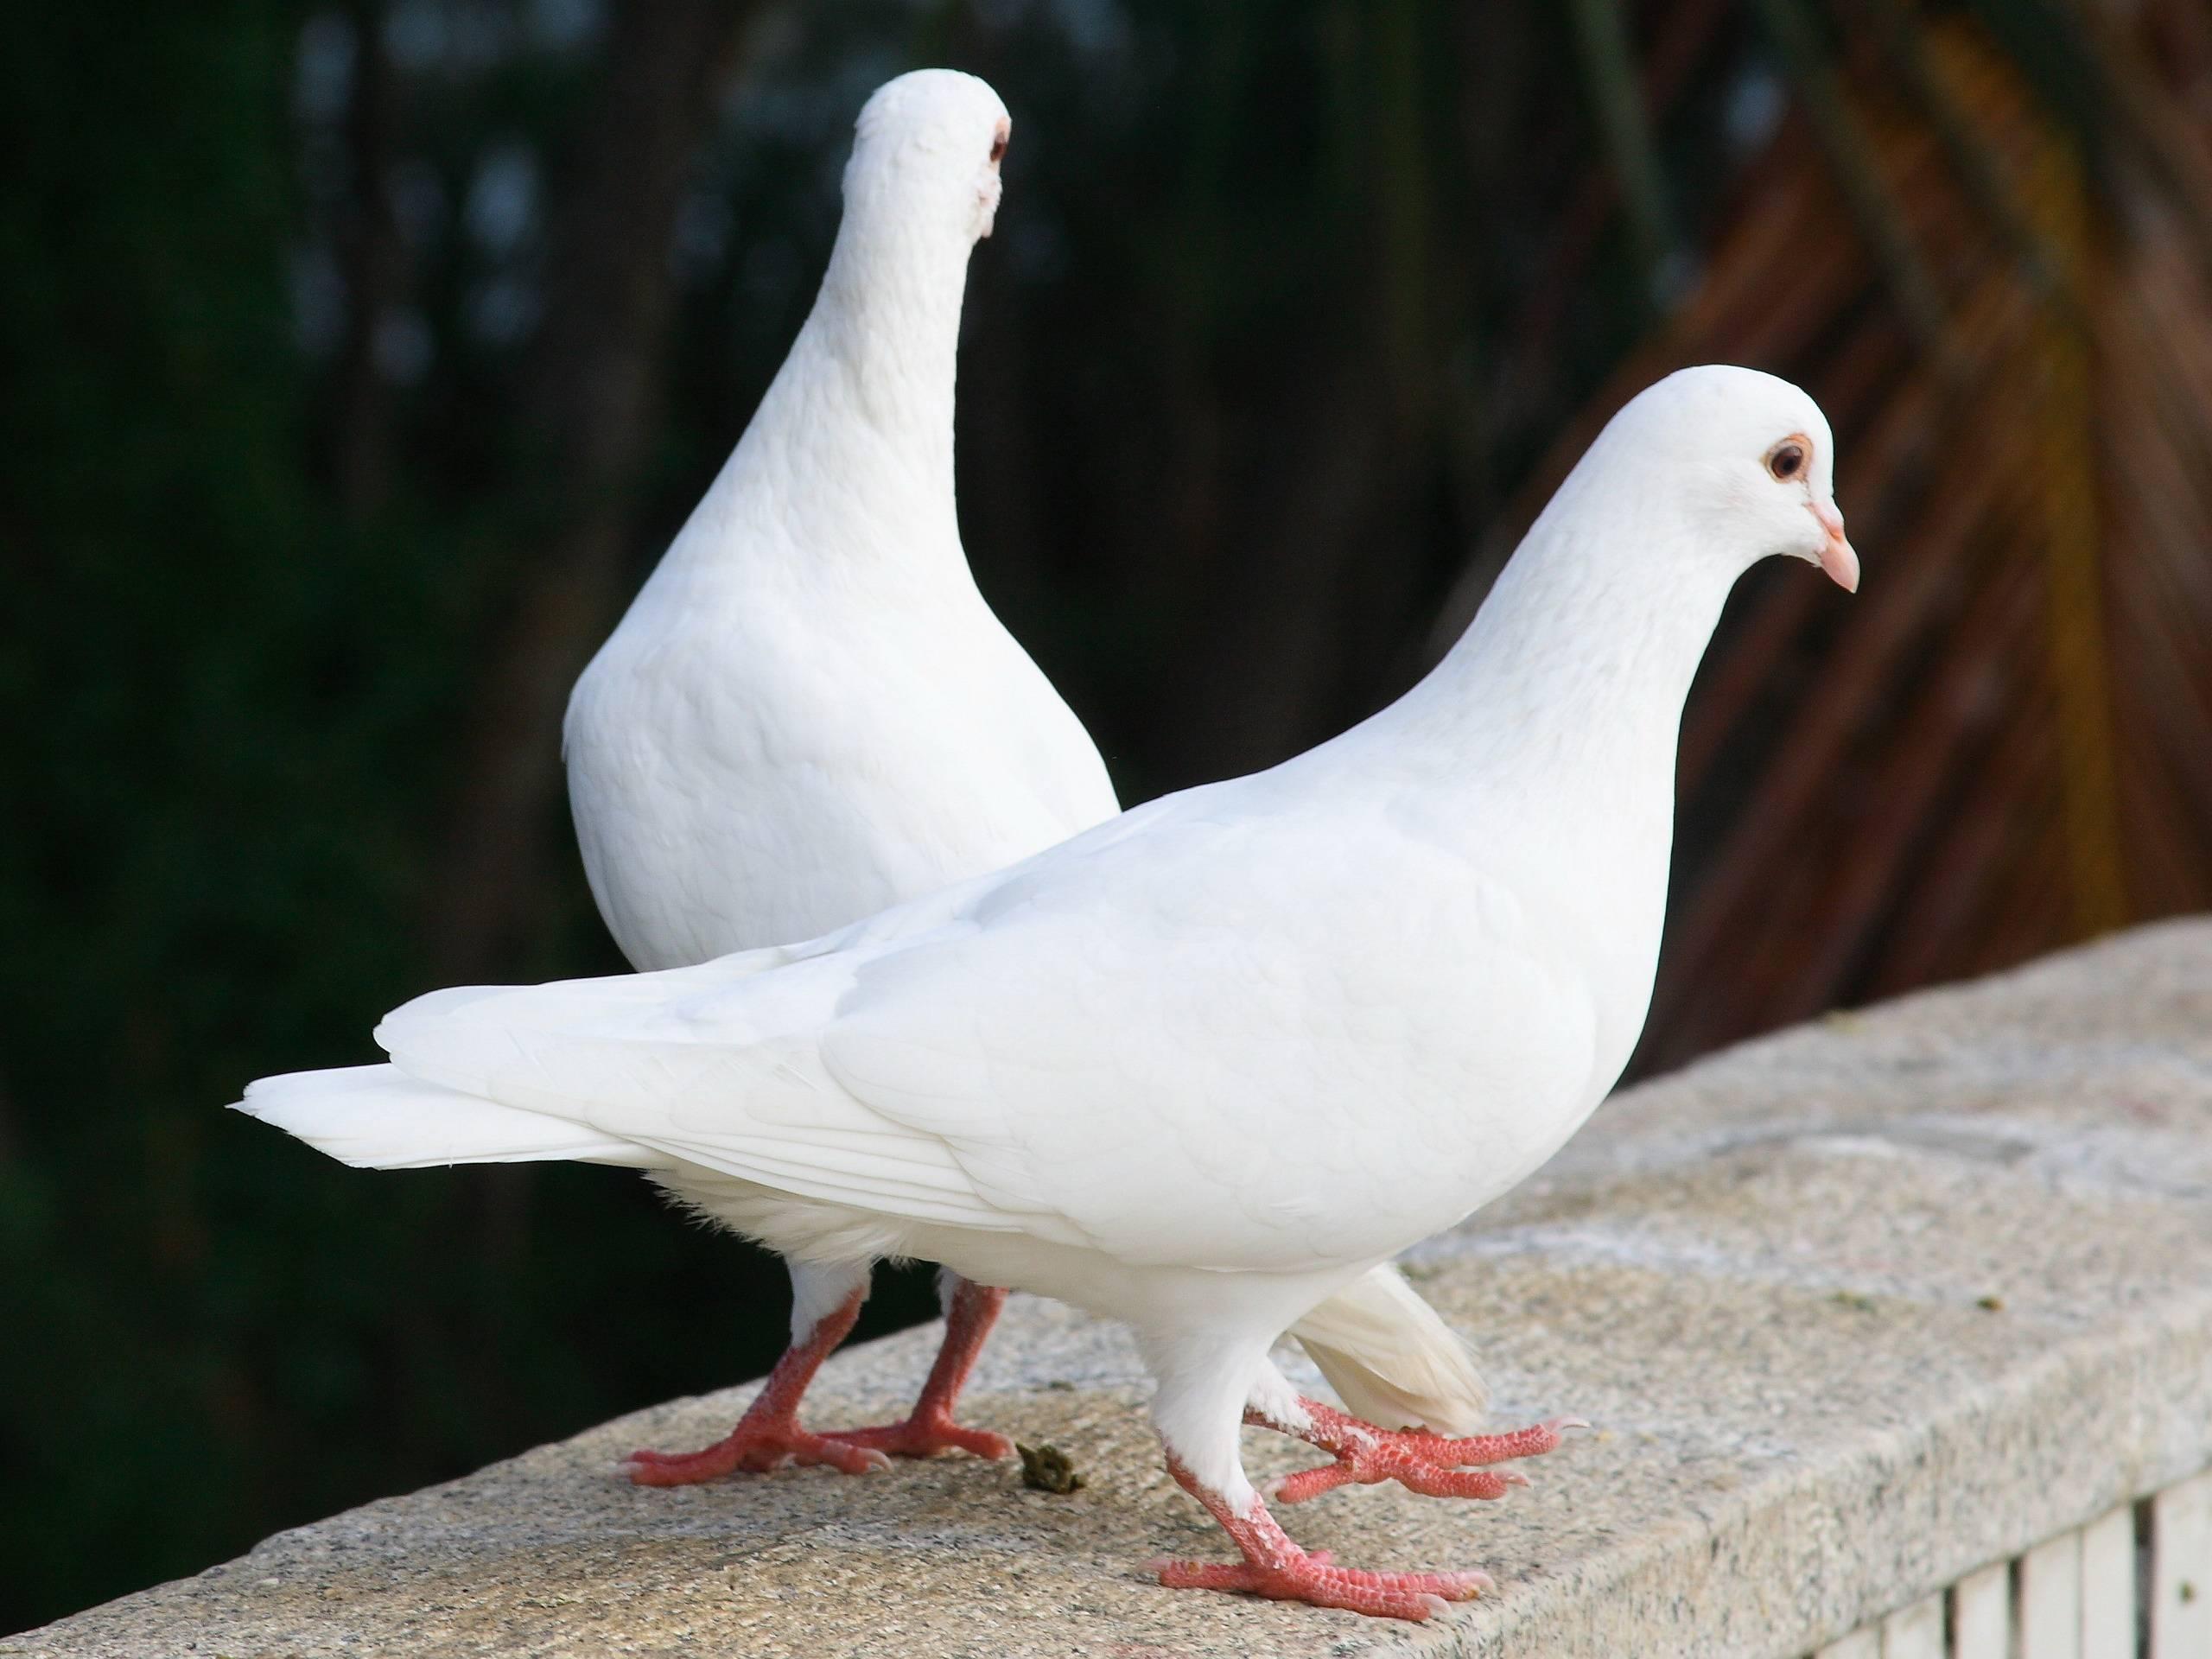 گوشت کبوتر به عنوان گوشتی سالم و مغذی